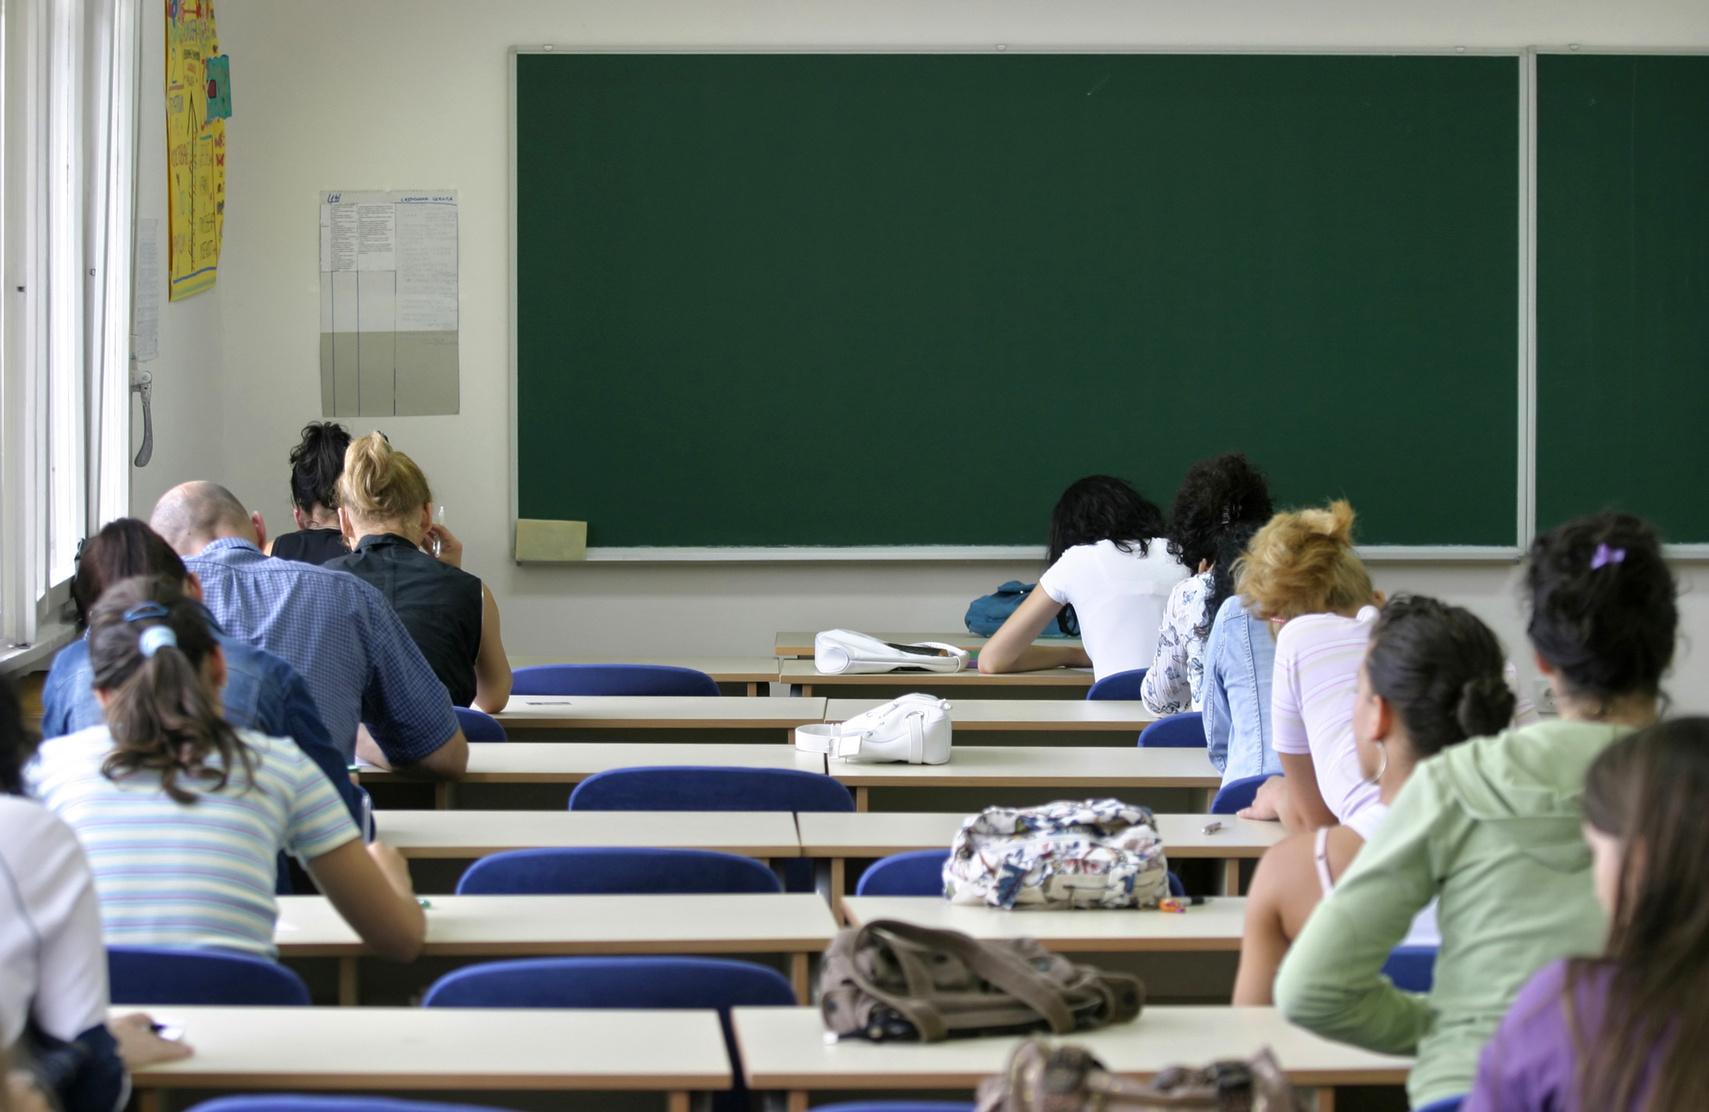 Koalition sieht Finanzierung freier Schulen auf sicherer Basis